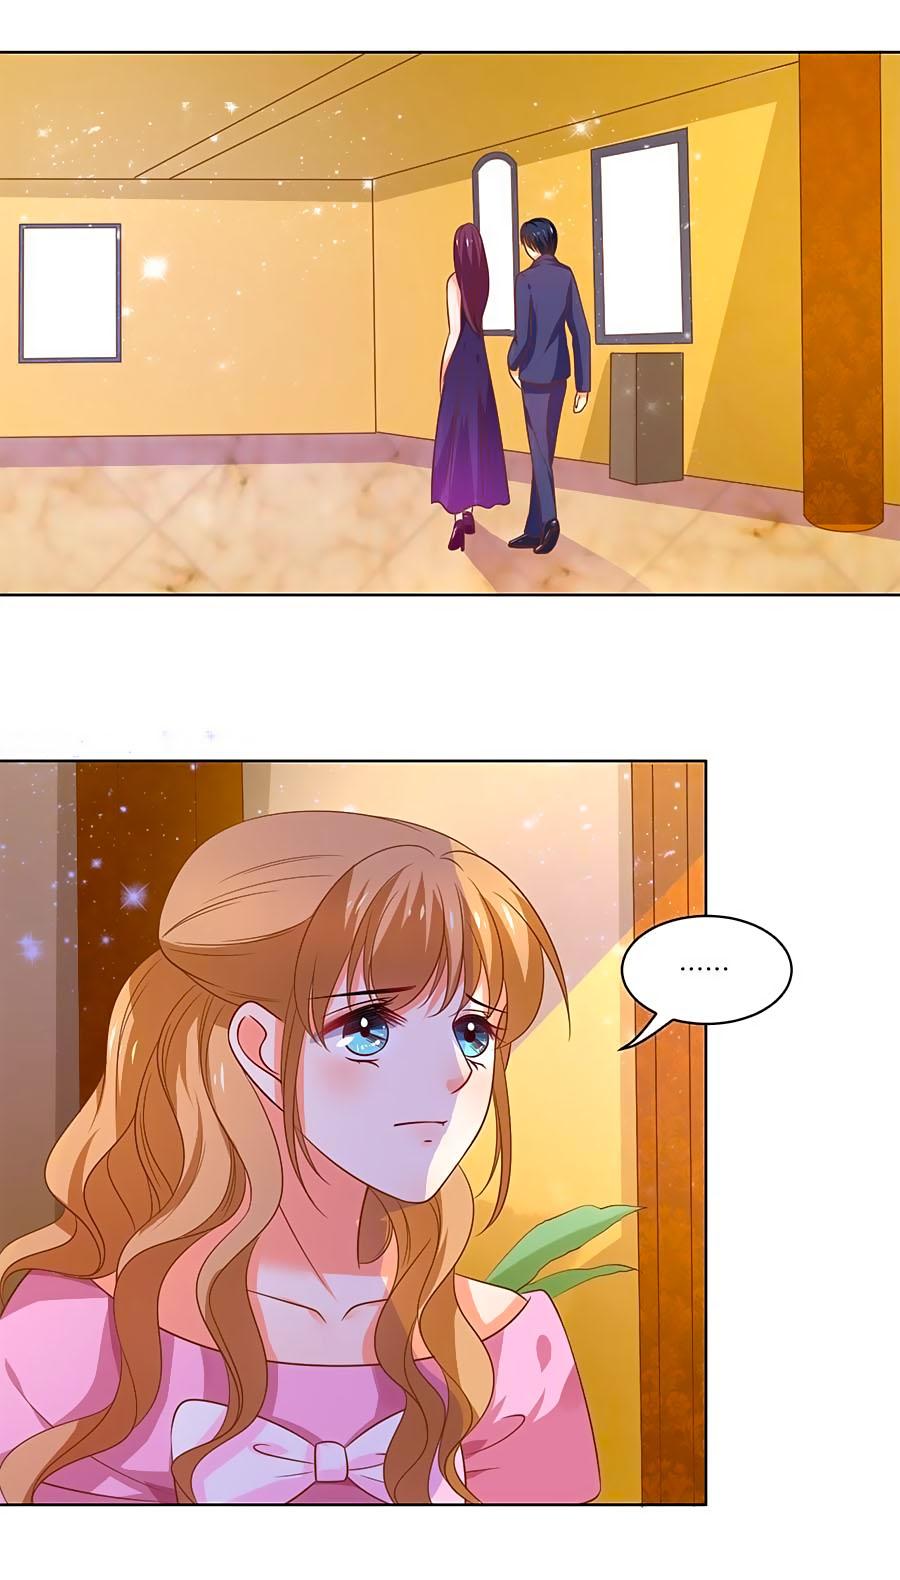 Bác Sĩ Sở Cũng Muốn Yêu chap 133 - Trang 9